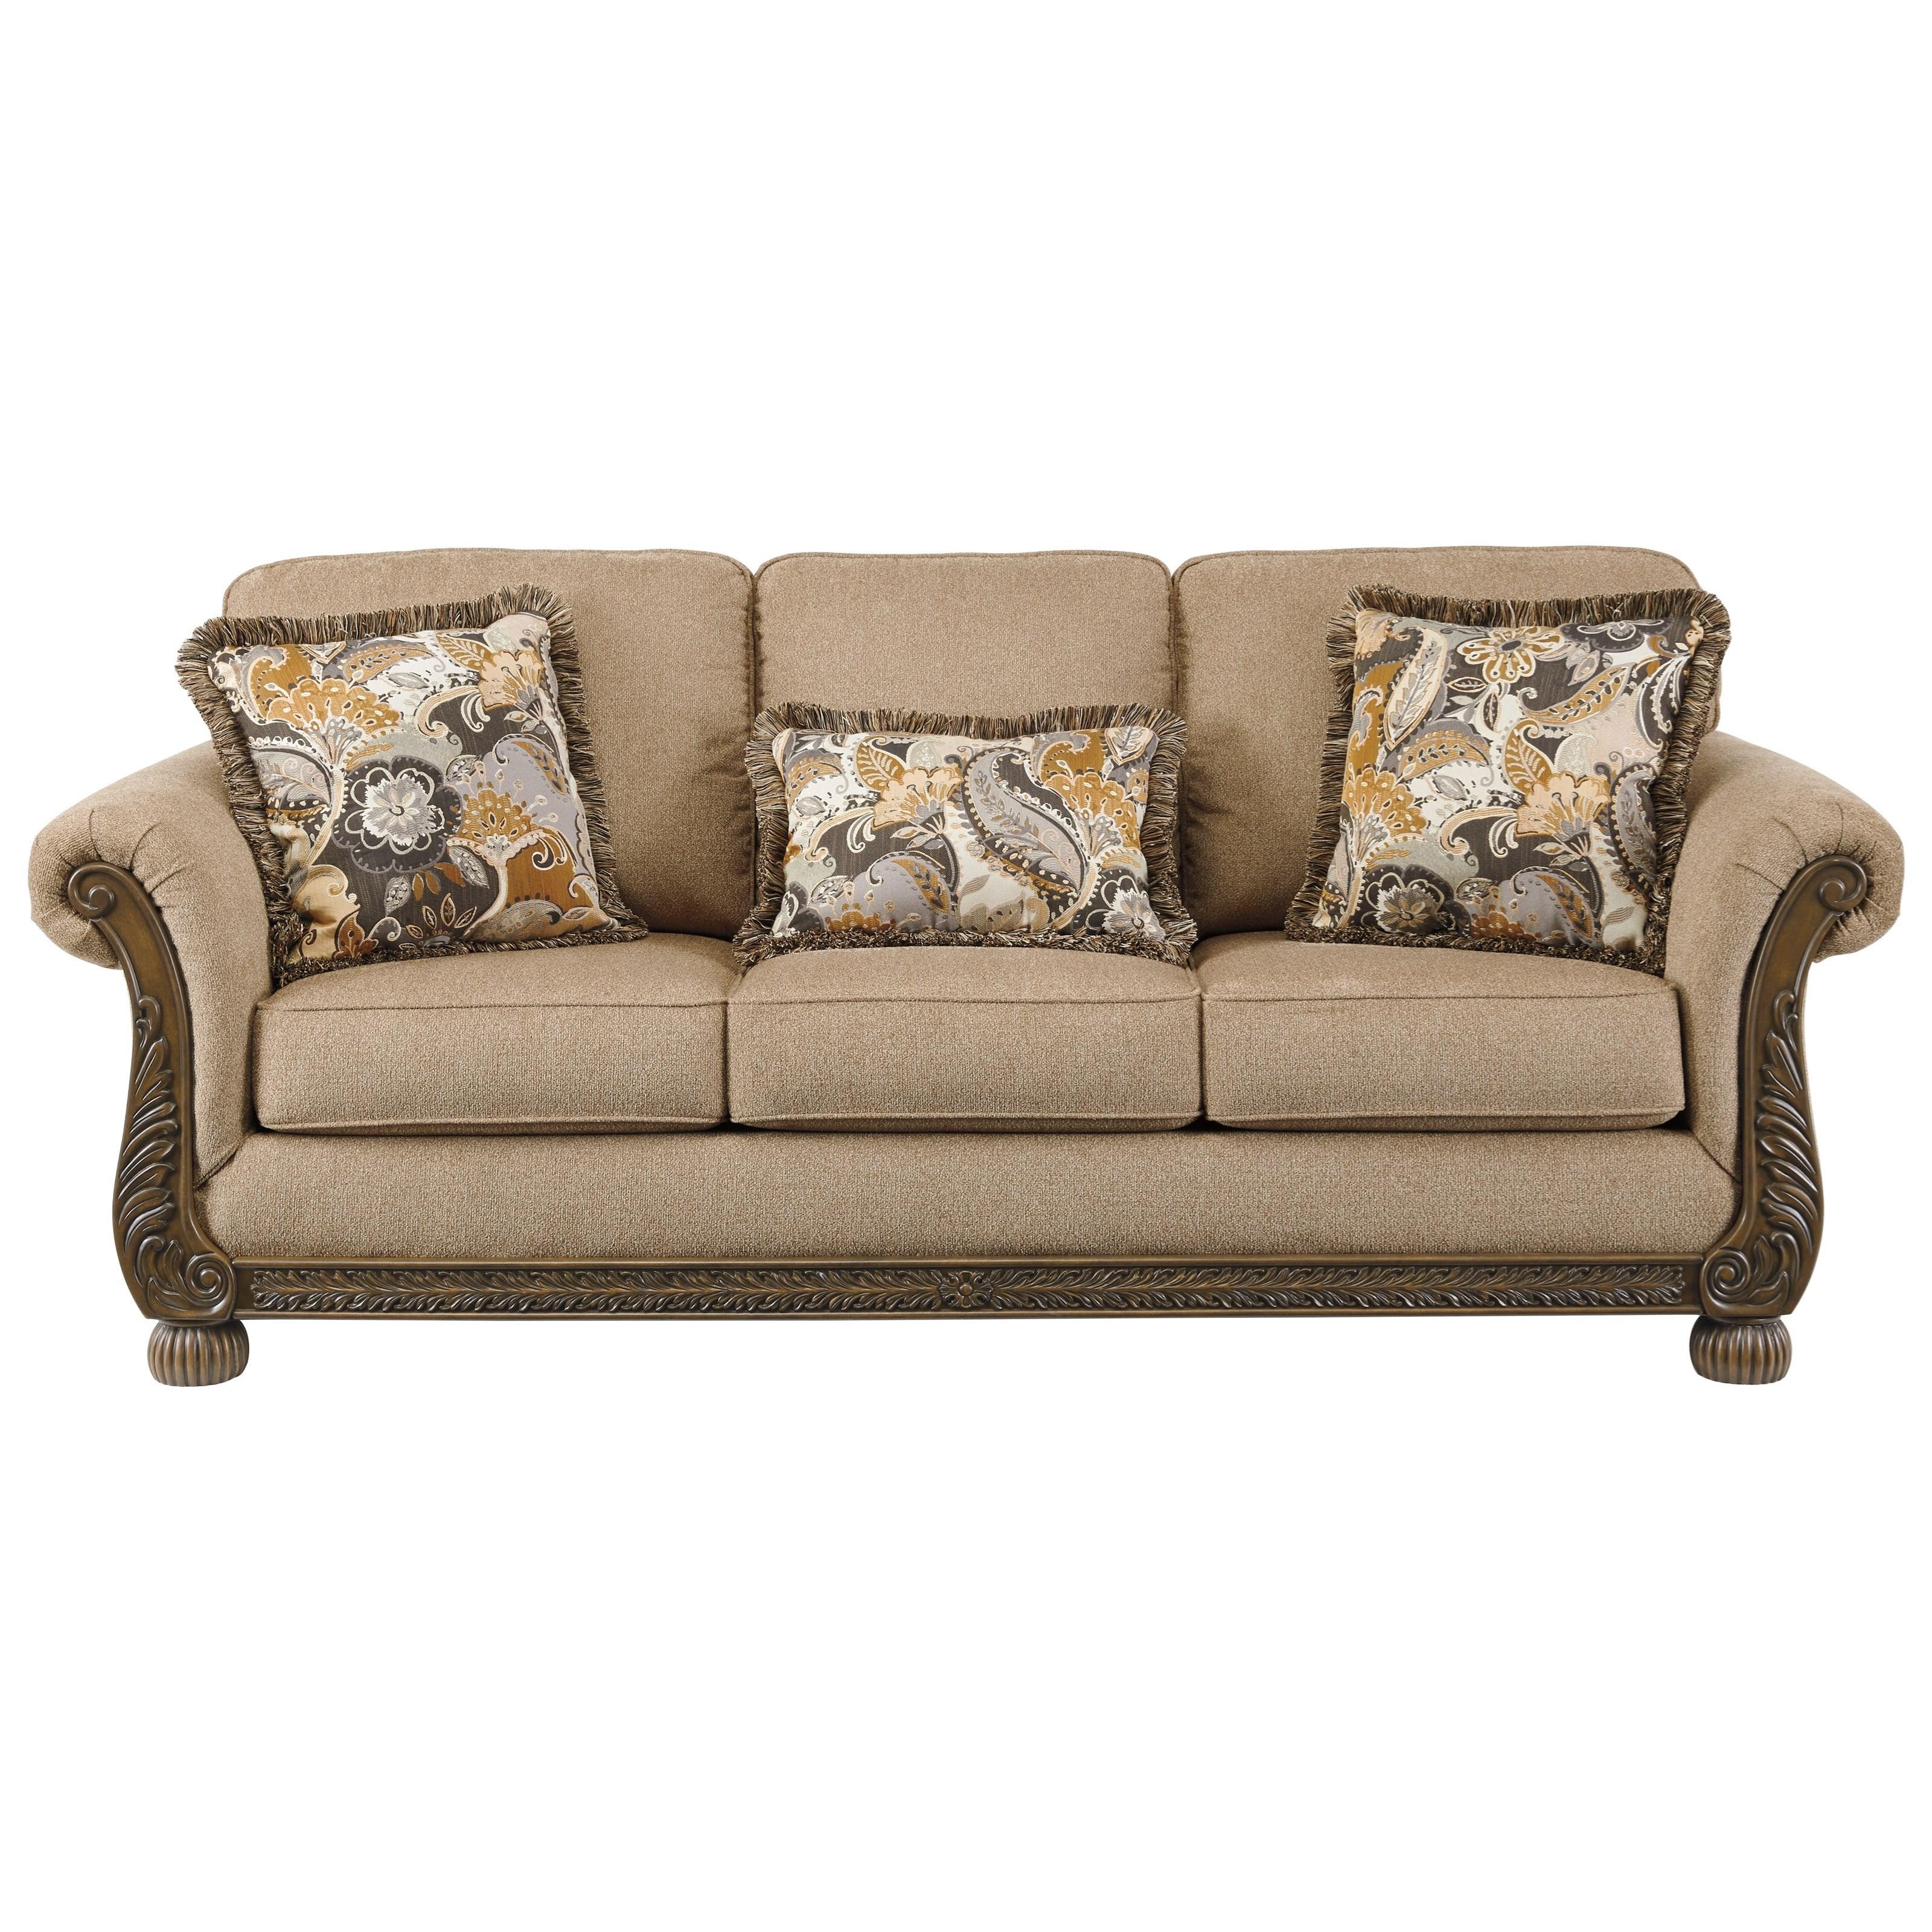 Westerwood Sofa by Ashley (Signature Design) at Johnny Janosik